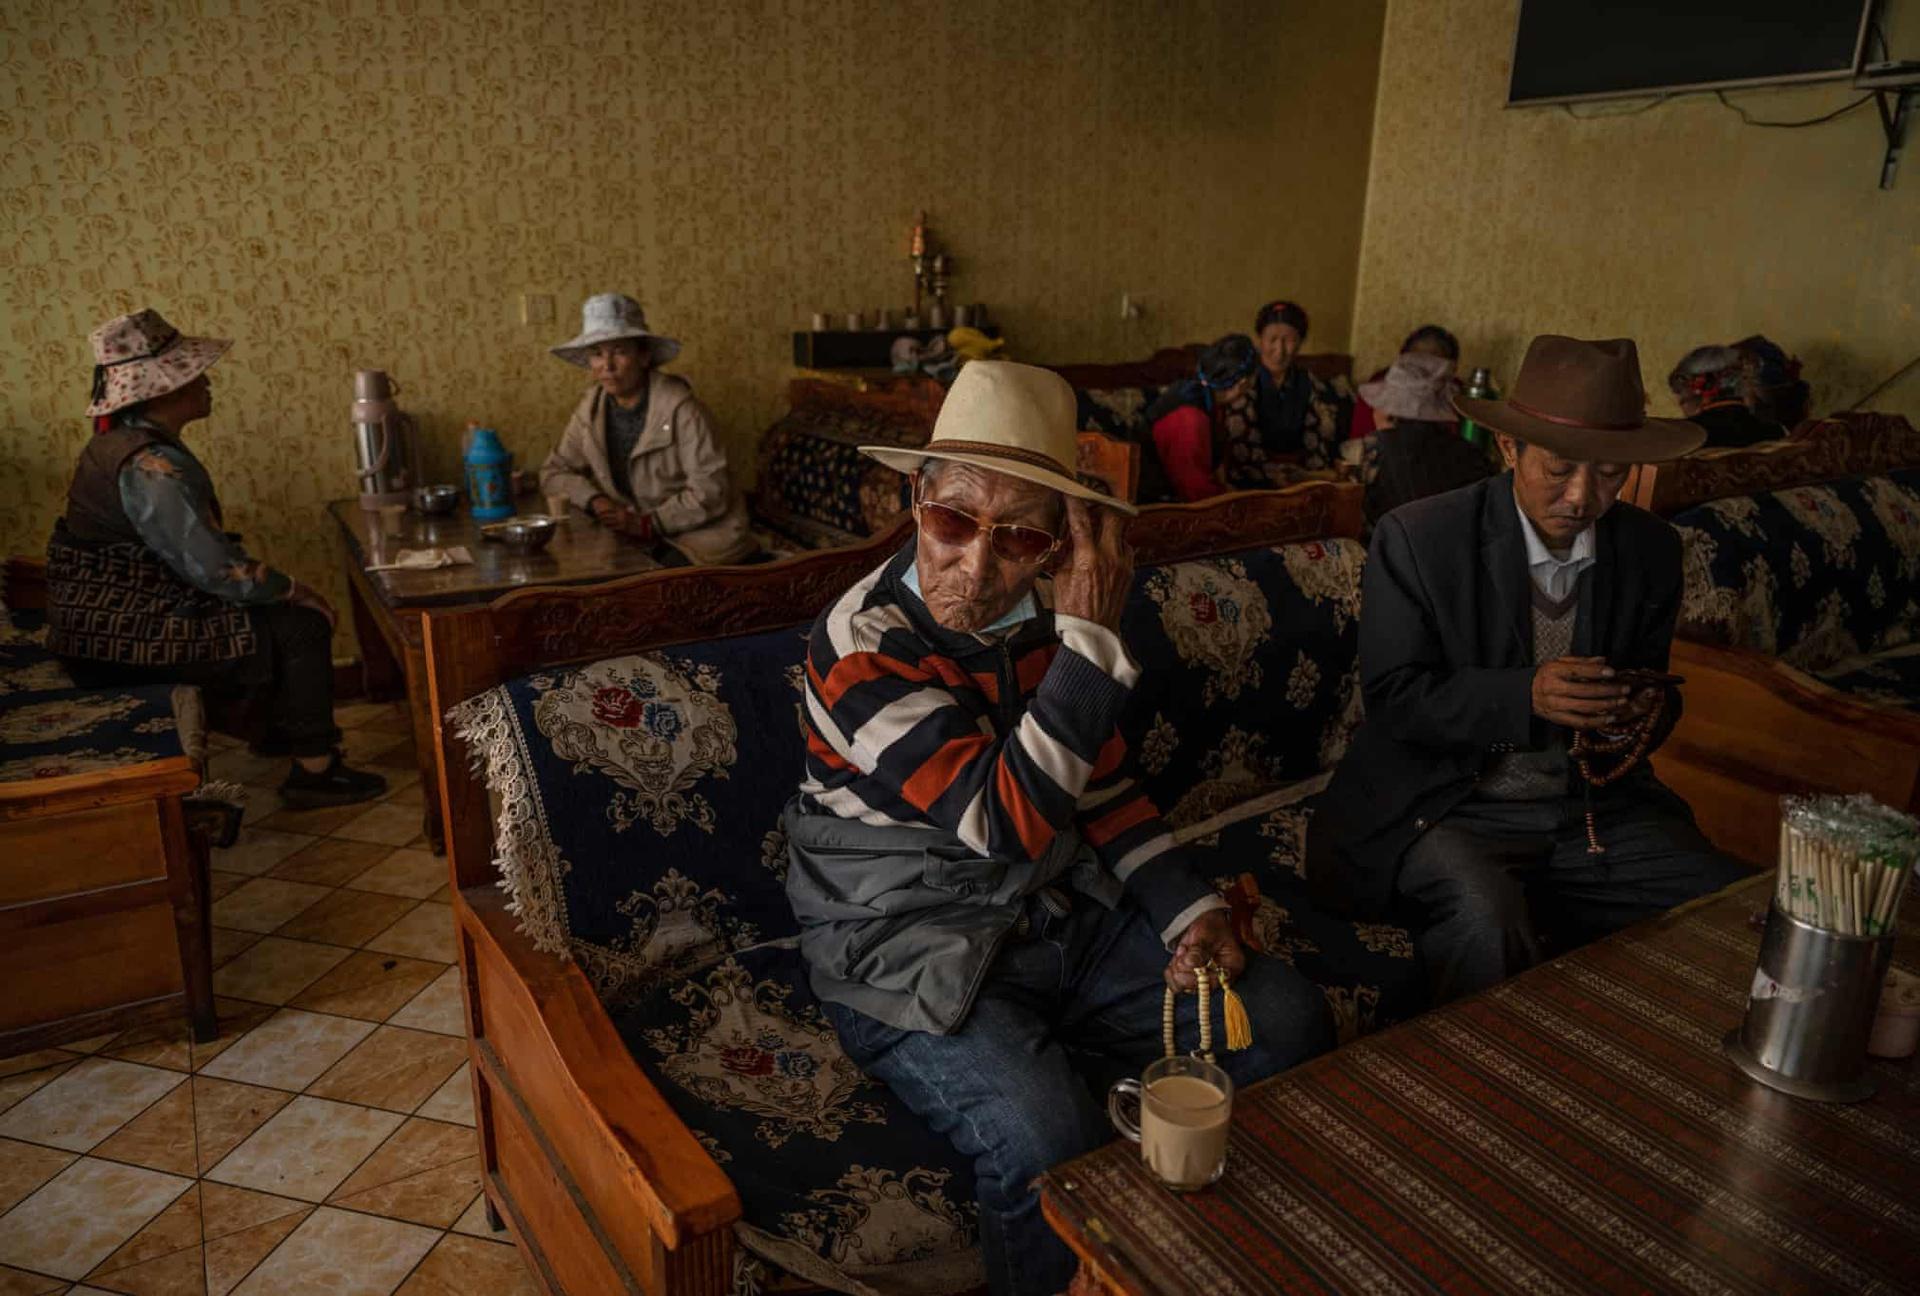 Những người già tập trung tại một quán trà địa phương. Một trong những loại được người Tây Tạng yêu thích nhất là trà bơ. Nó được làm từ lá trà, bơ yak, nước và muối. Dù vậy, ngày nay, người ta hay làm bơ từ sữa bò do có sẵn và giá thành rẻ hơn.